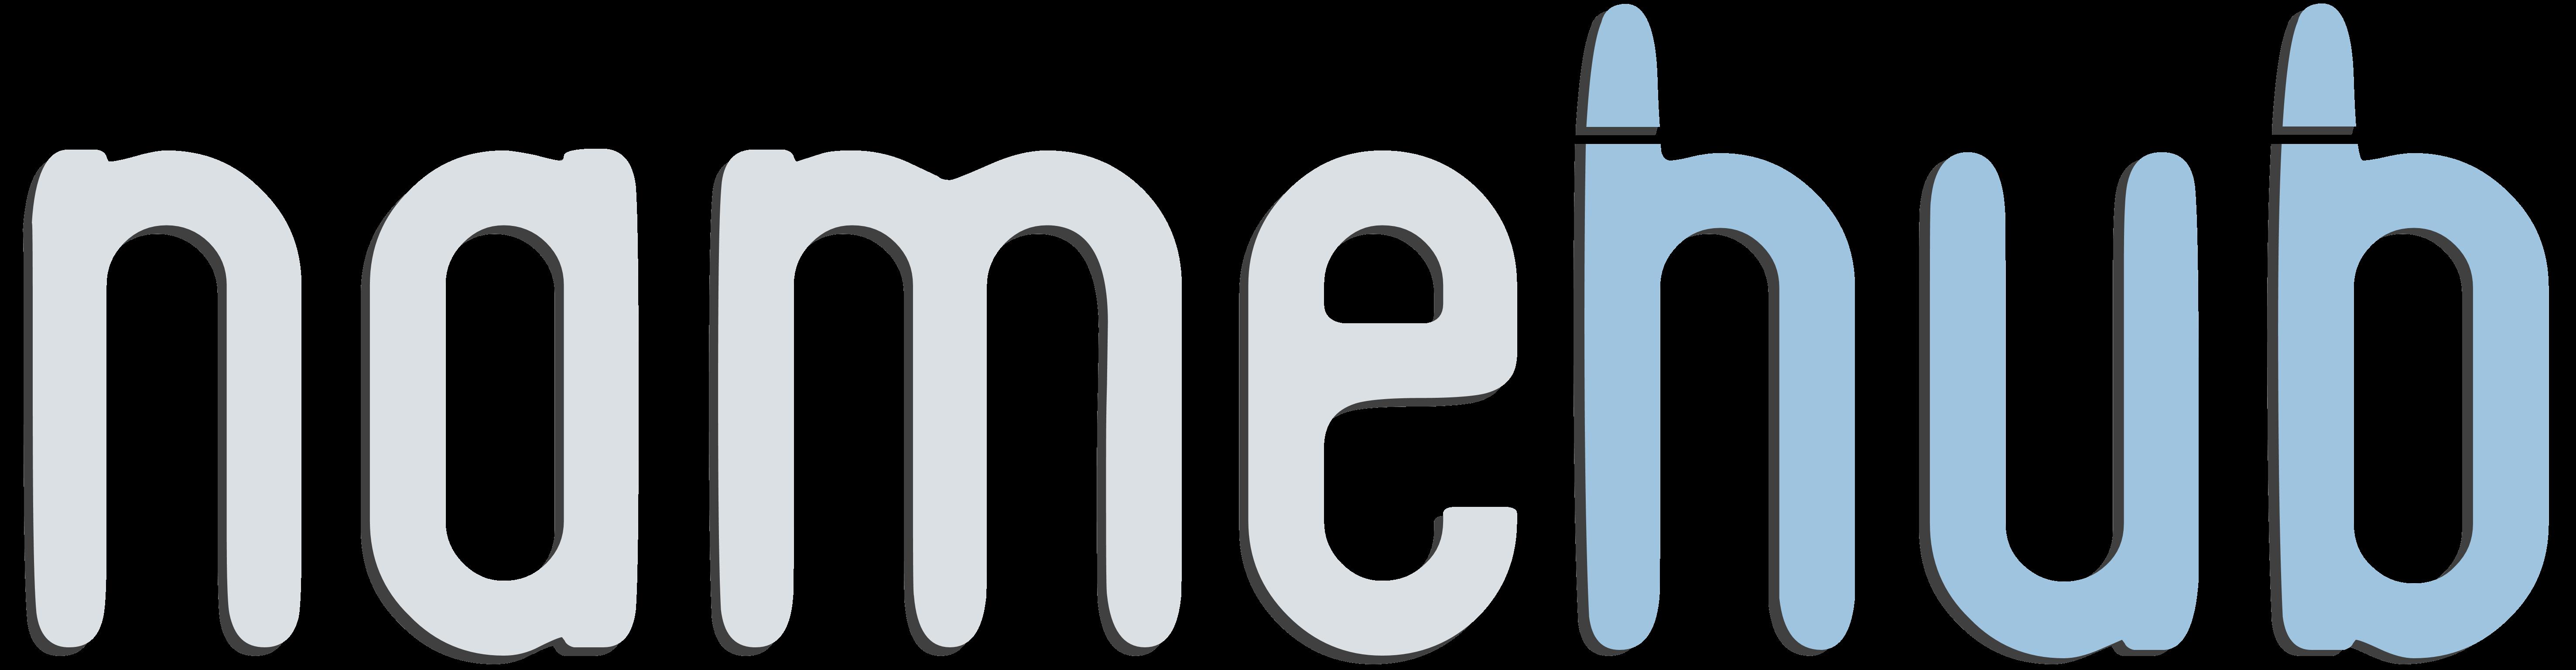 NameHub